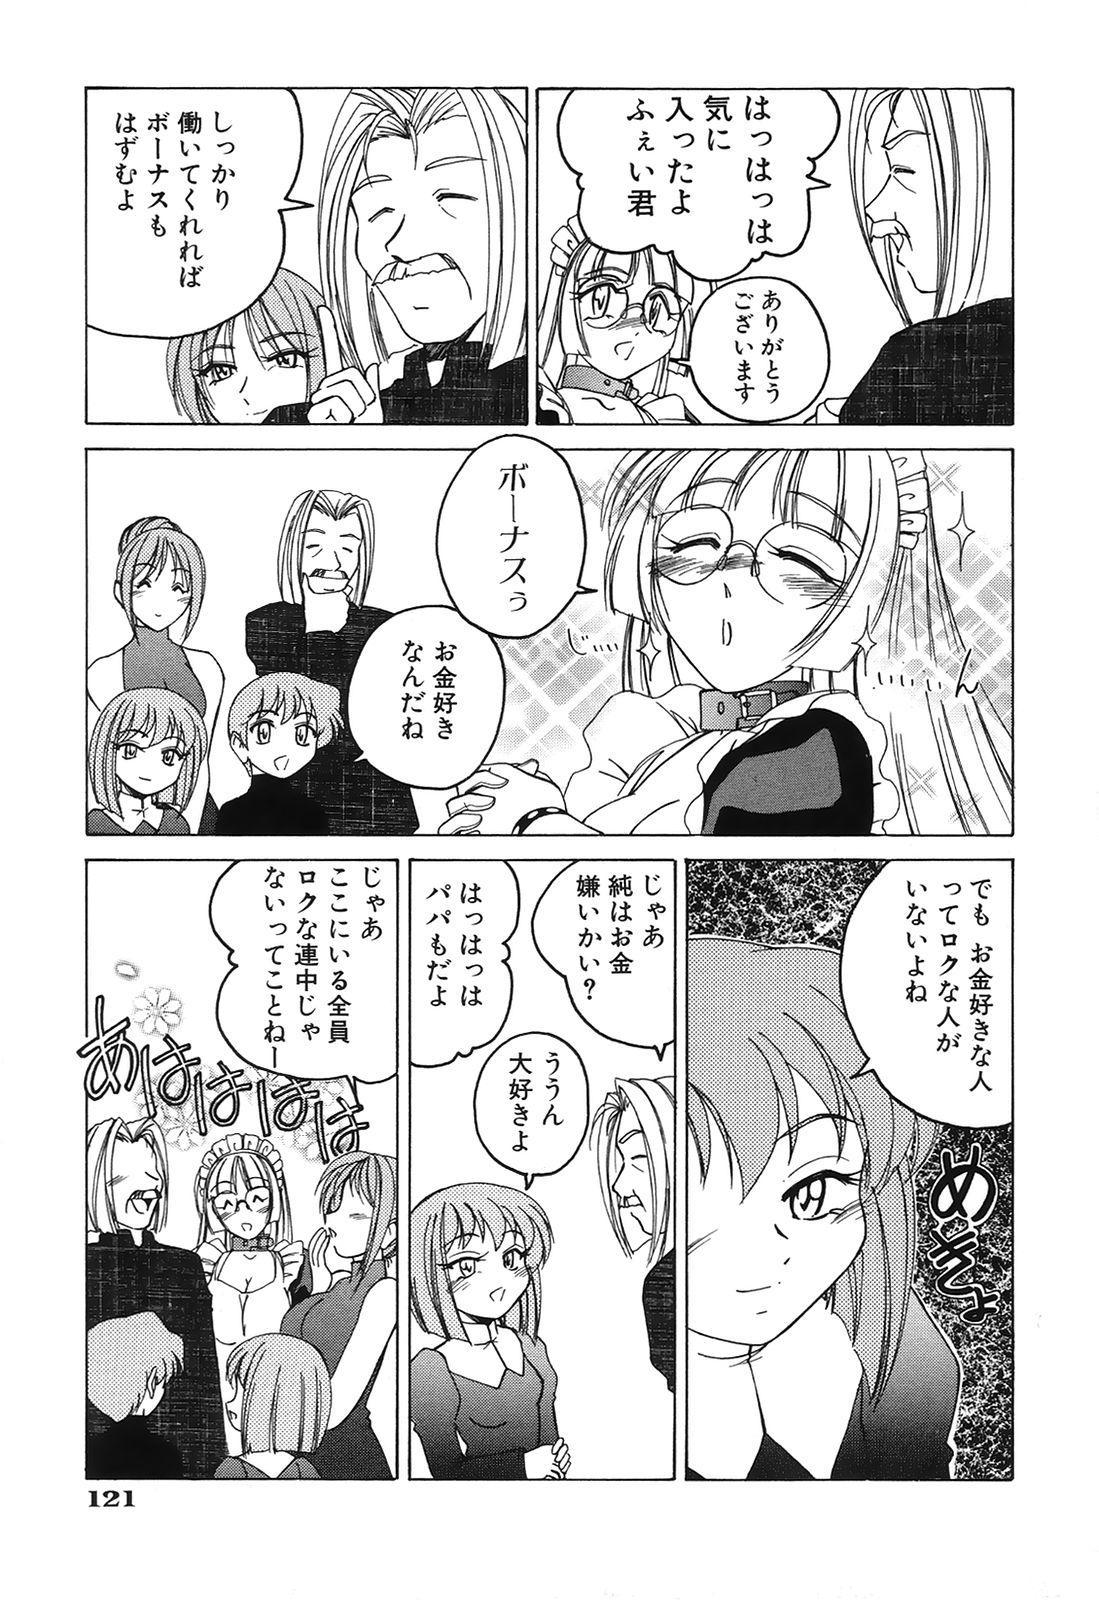 Omake No Musume 123